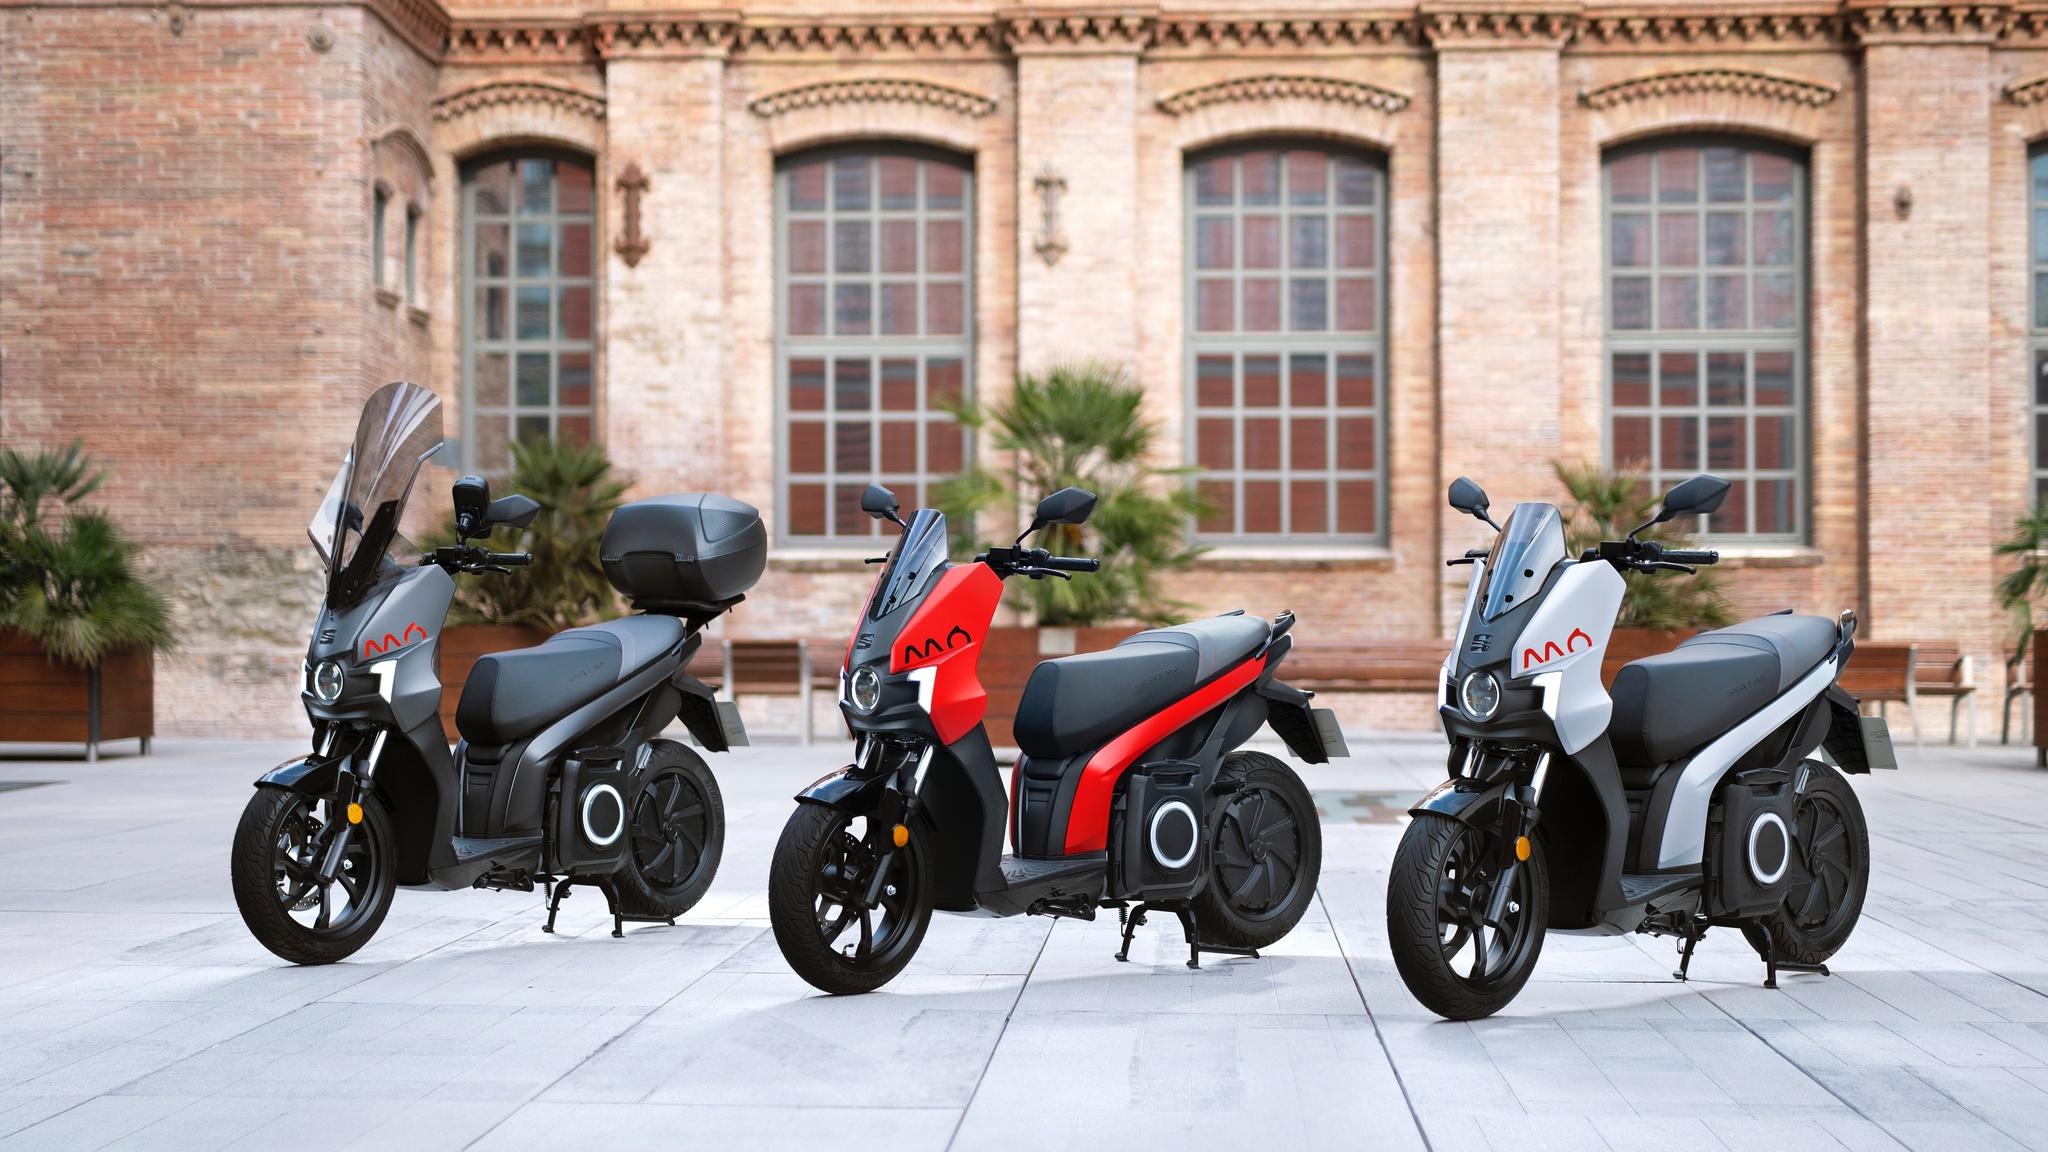 La nueva Seat Mó eScooter 125, la primera moto 100% eléctrica de Seat.